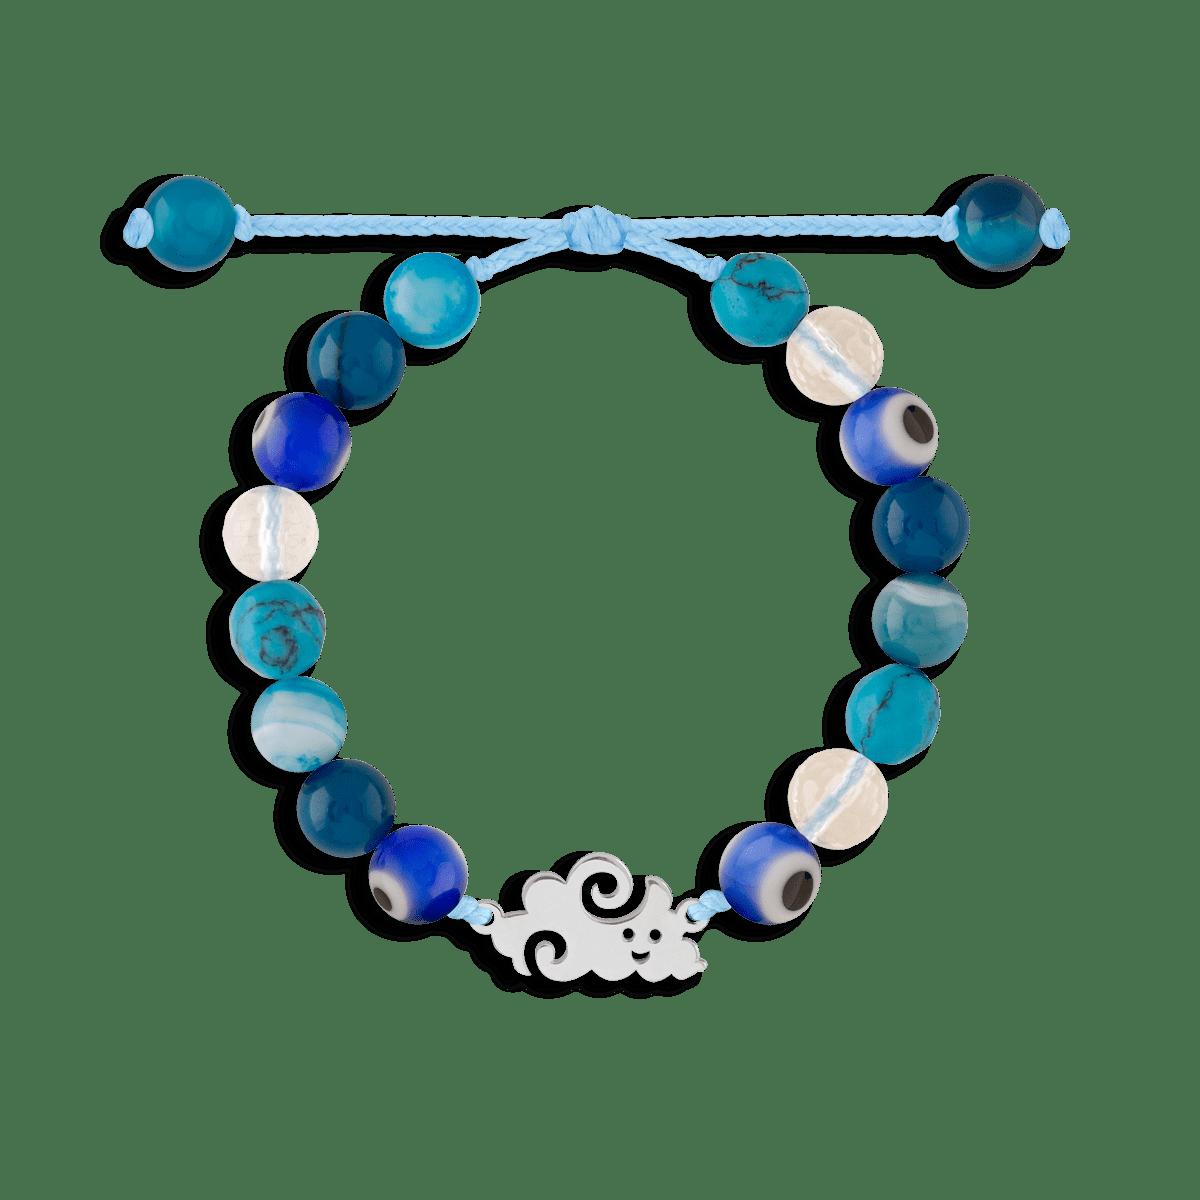 دستبند نقره سنگی ابر